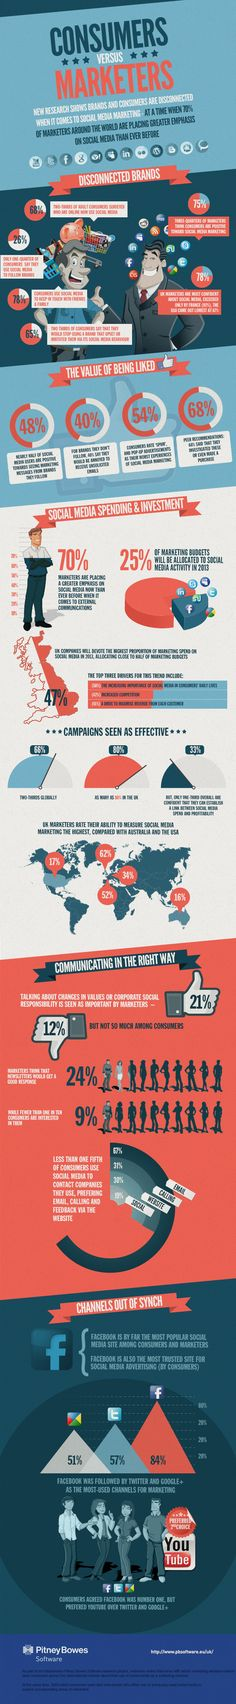 ¿El personal de marketing y los consumidores camina juntos?